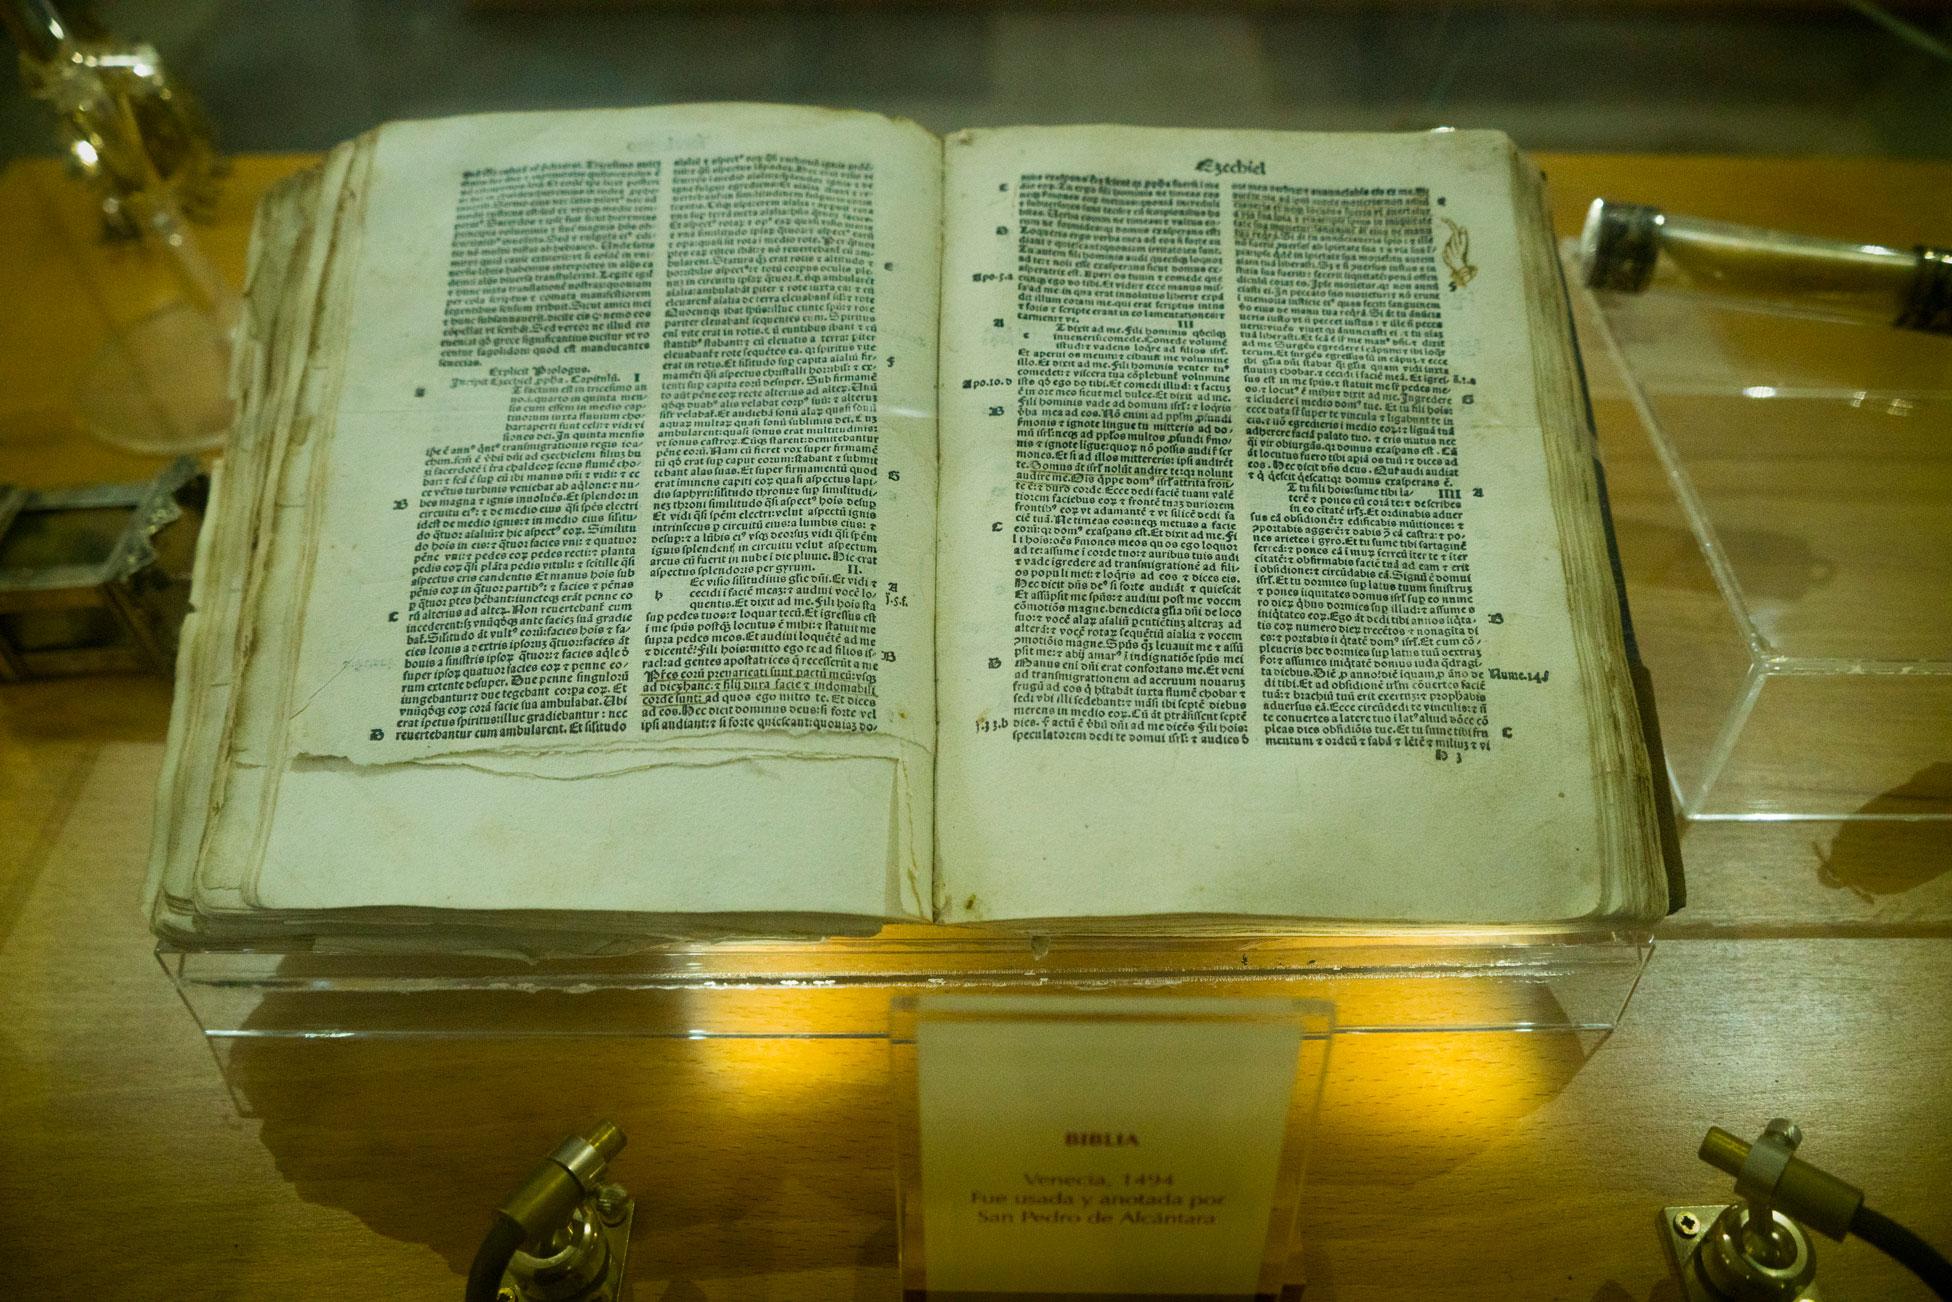 Bíblia pessoal de São Bento